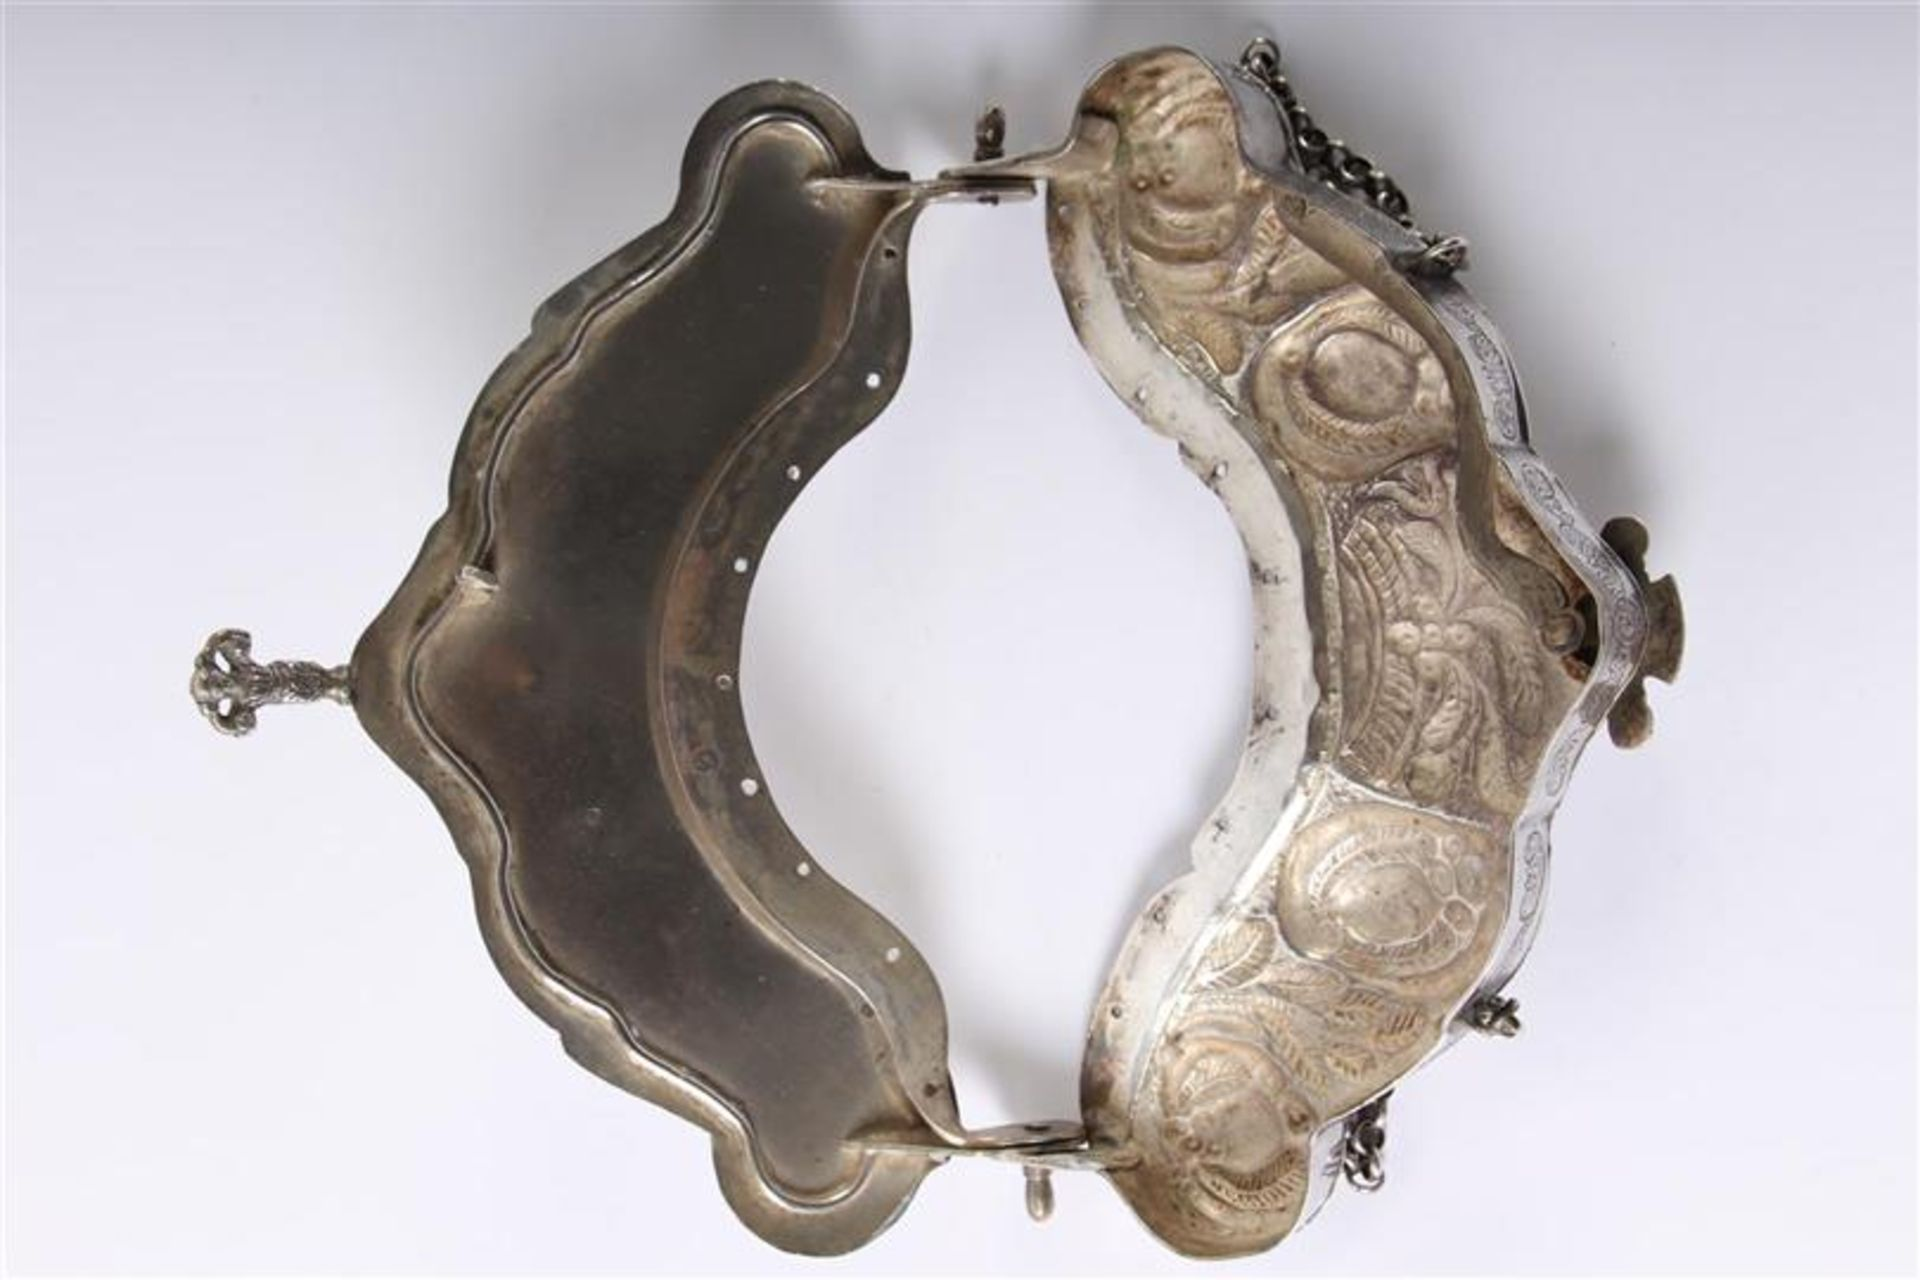 Los 31 - Zilveren tasbeugel rijkelijk gedecoreerd, met jasseron ketting, Hollands gekeurd. Gewicht: 256 g. B: